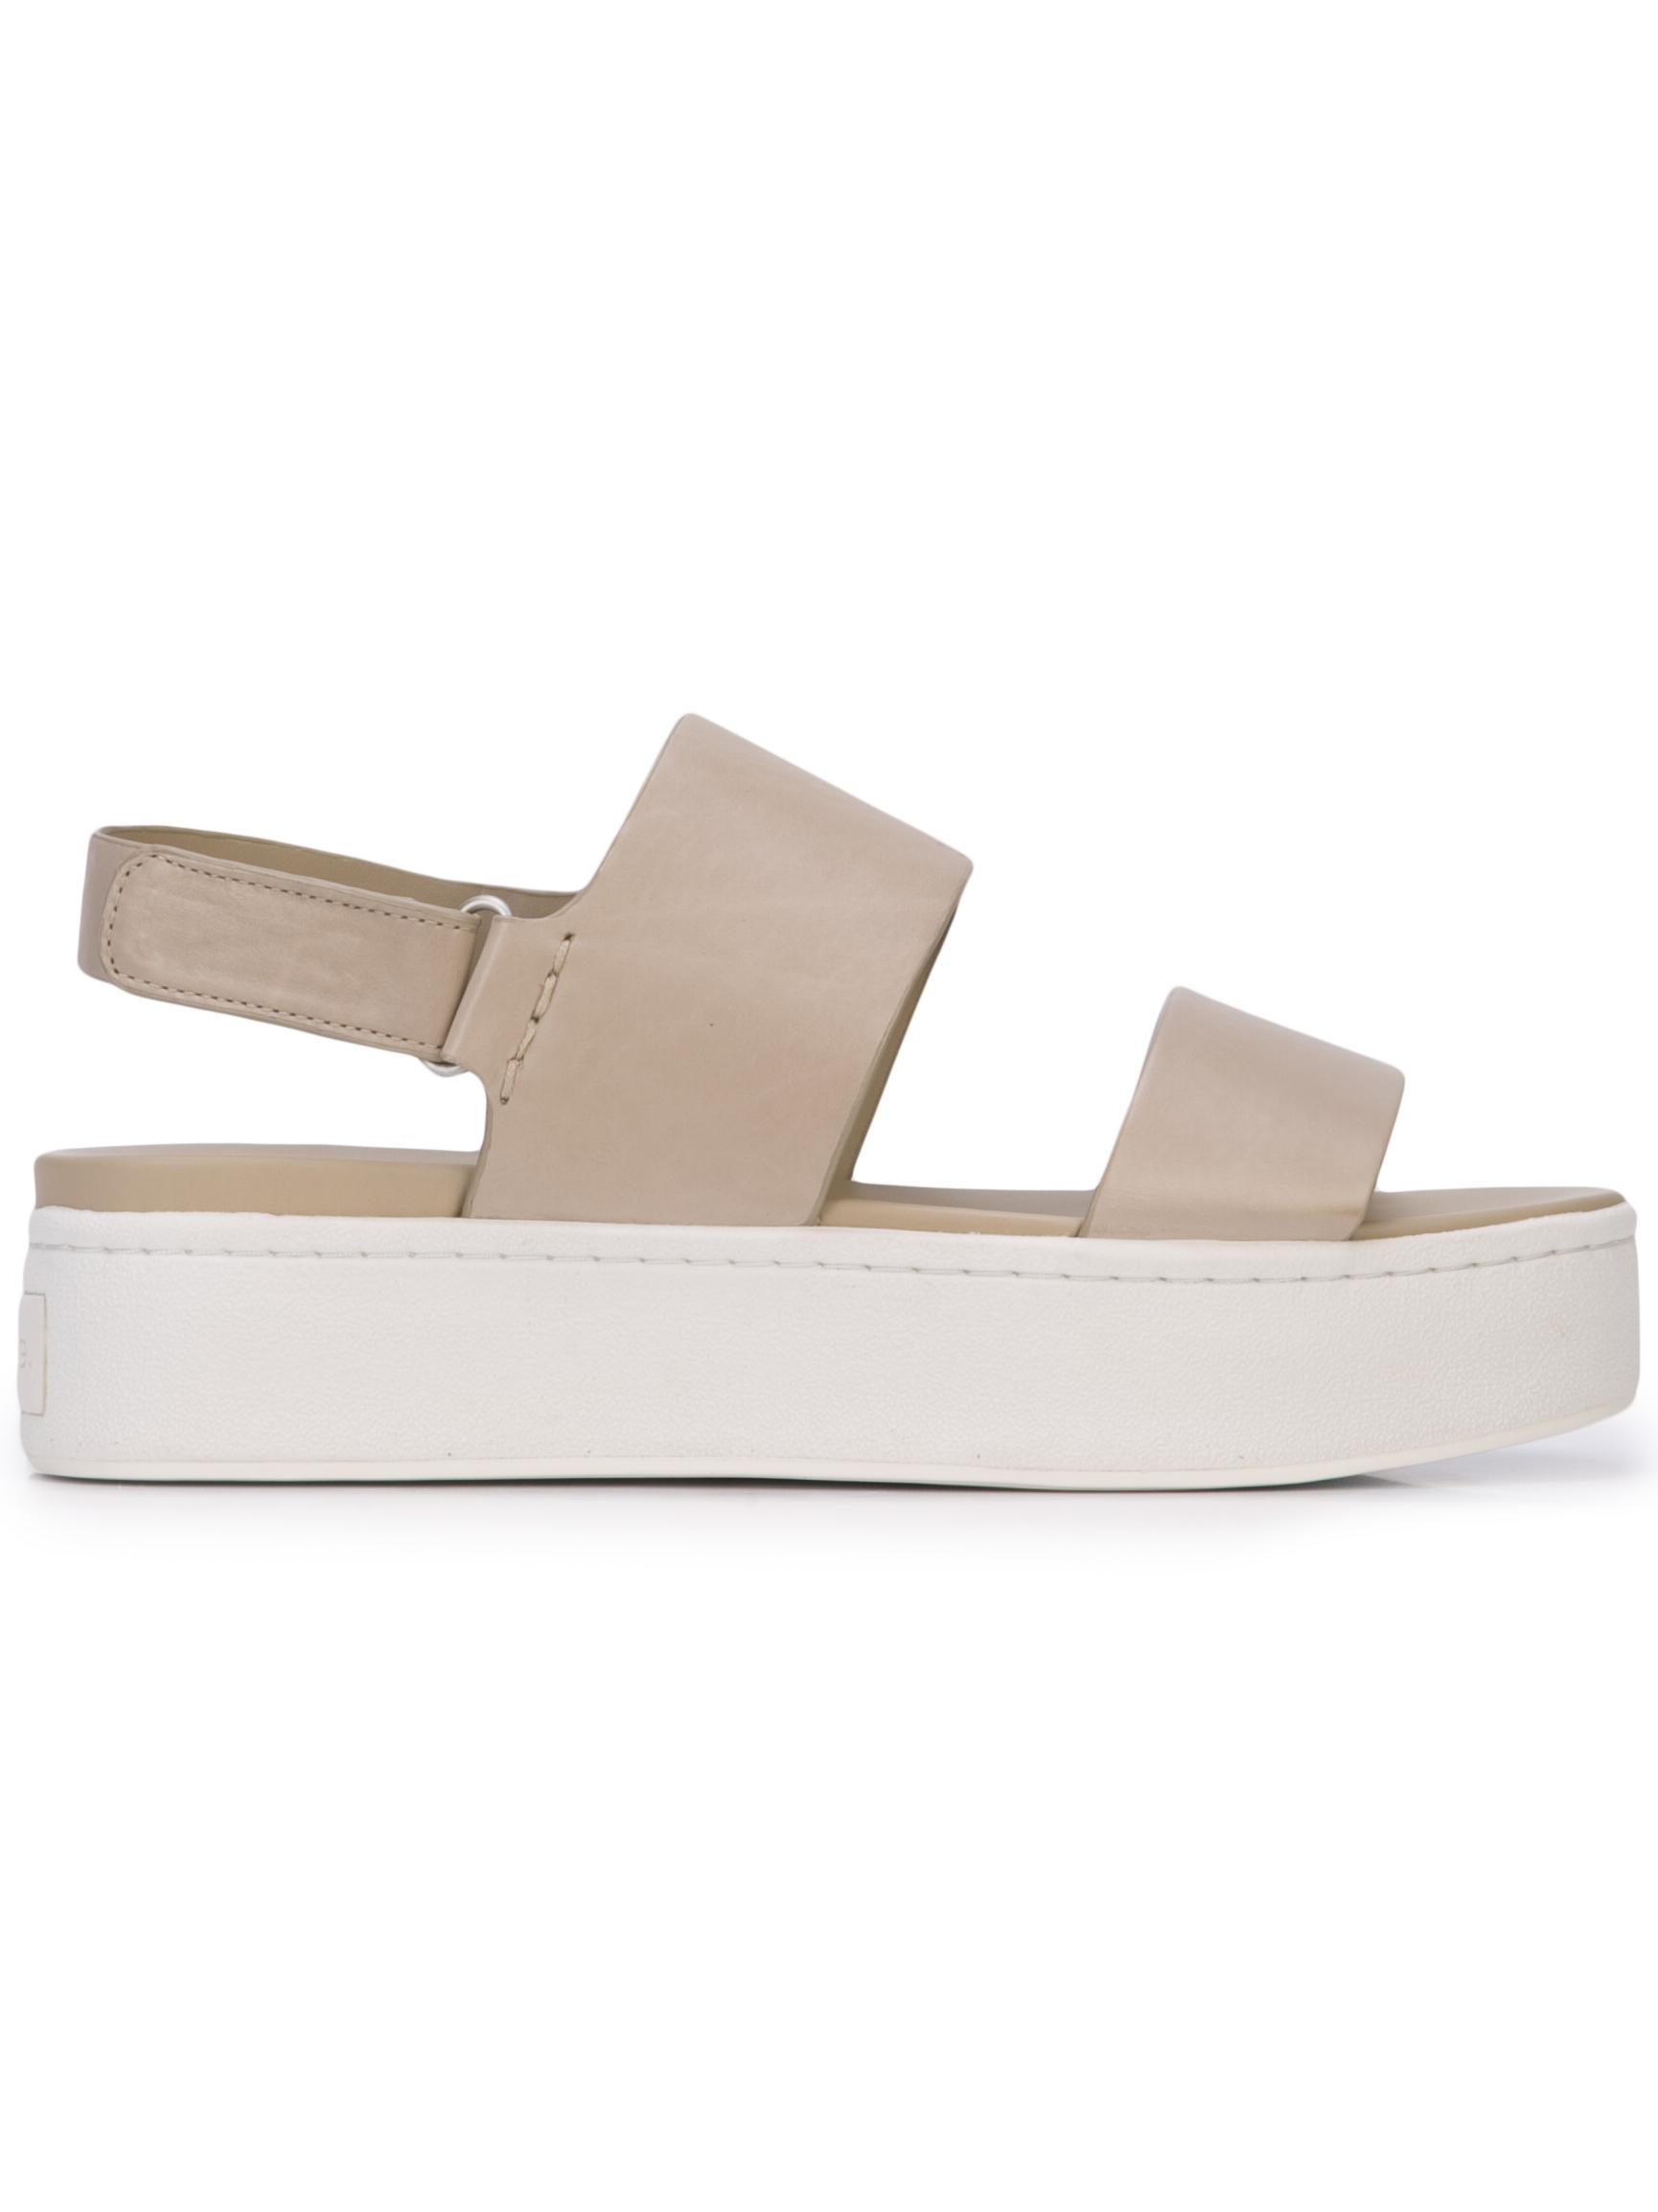 Leather Platform Sandal W/Sling Back Item # WESTPORT-E